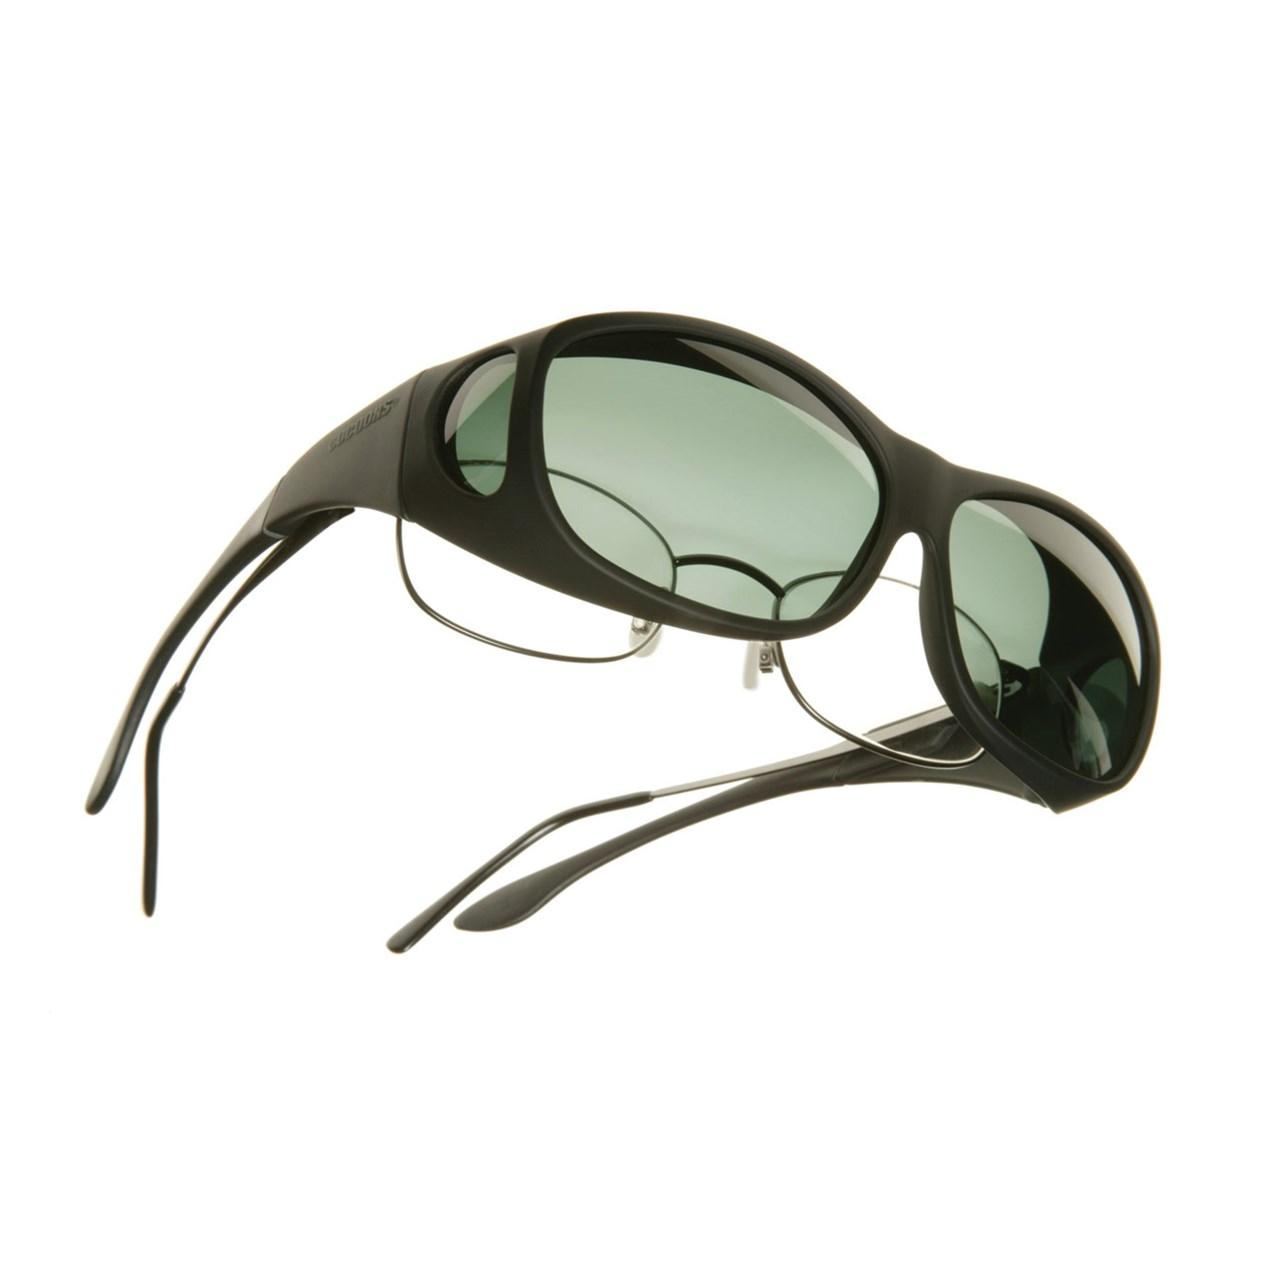 57c99c788d07 Cocoons Slim Line M Polarized Sunwear-Blk Frame-Gray Lens. Manufacturer:  Live Eyewear